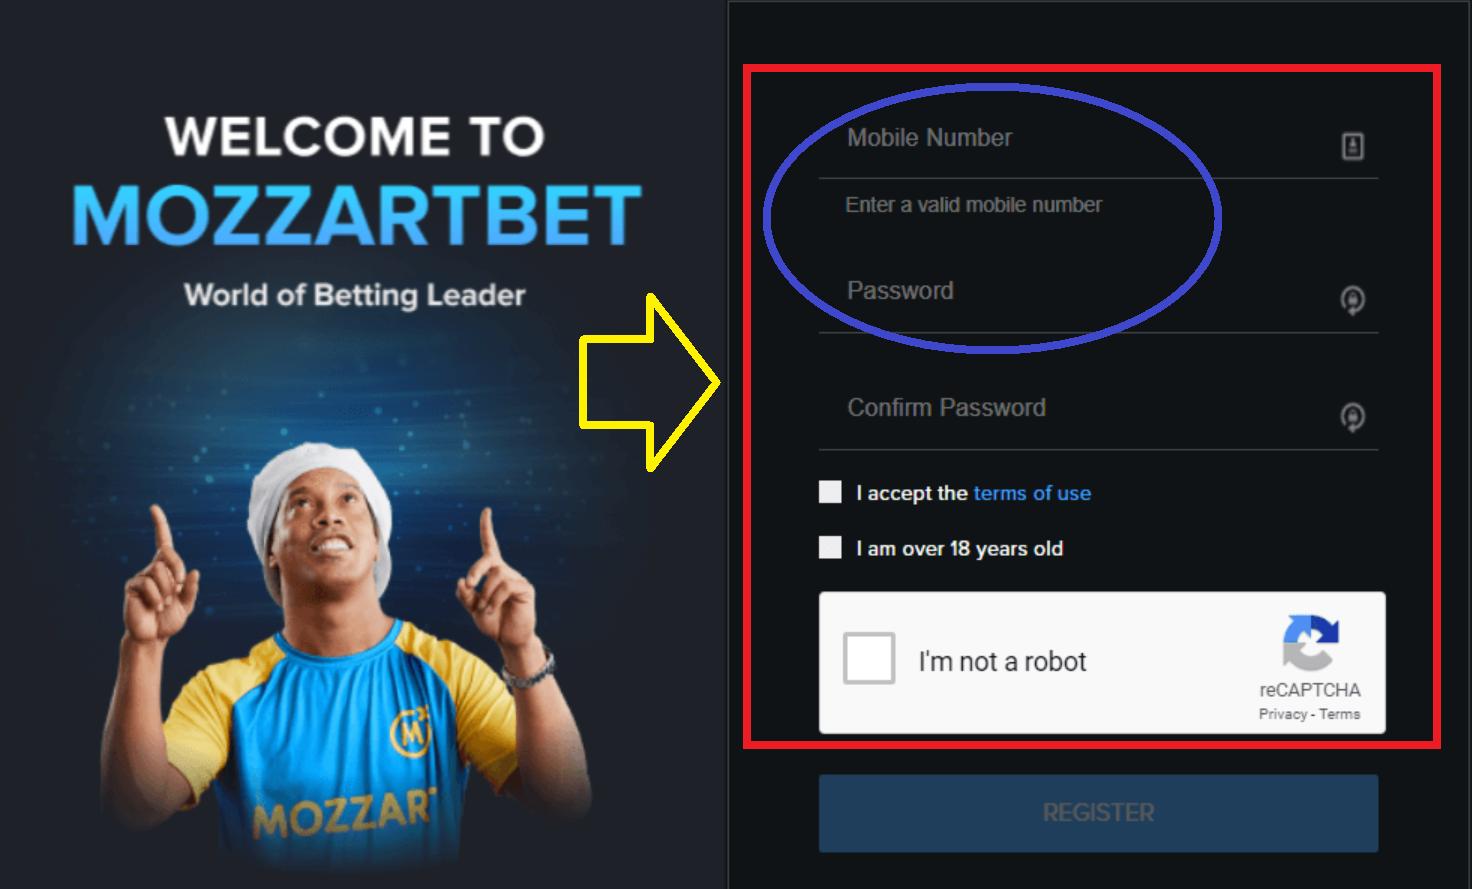 Mozzart bet platform